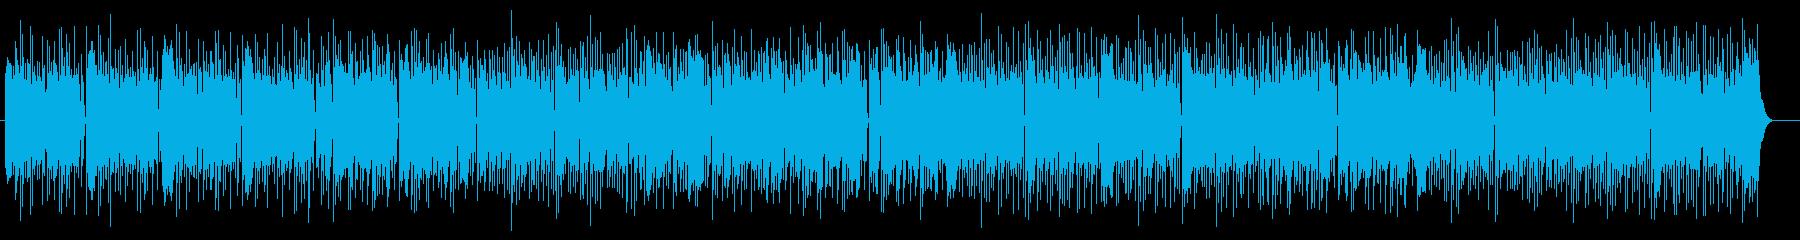 和風なミディアムテンポの三味線ポップスの再生済みの波形